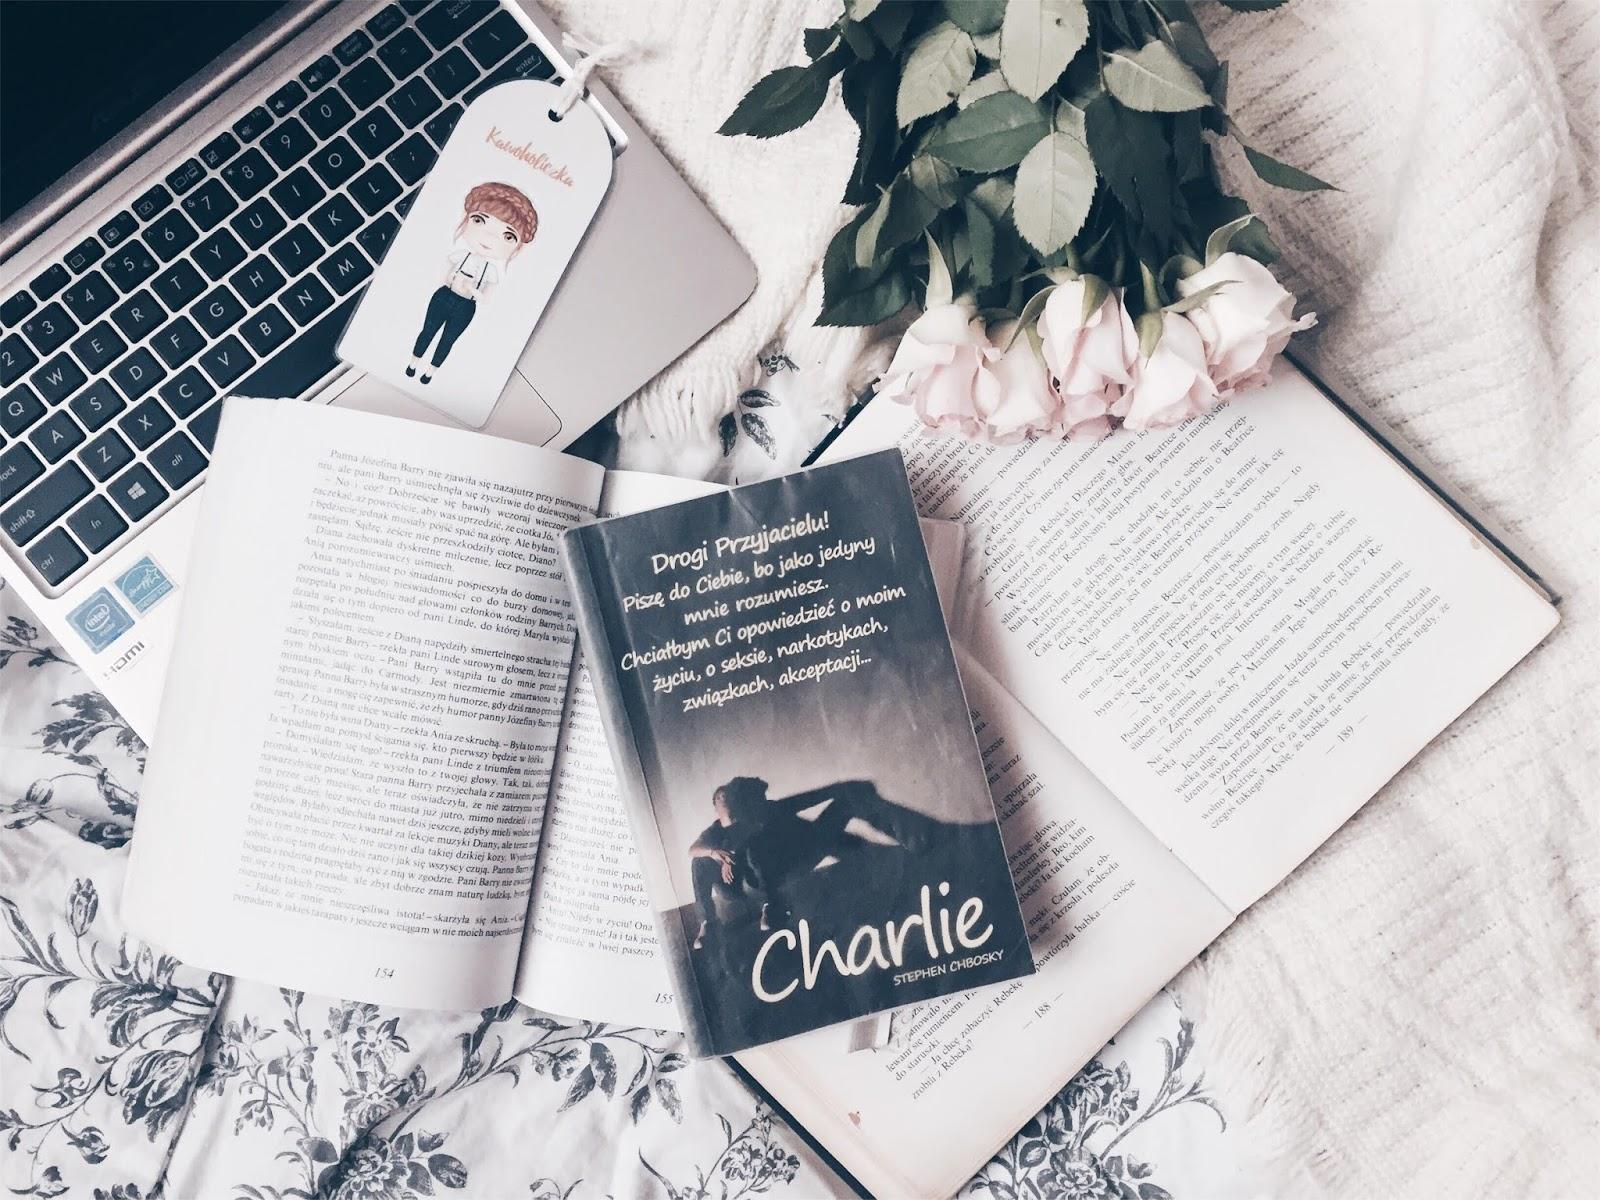 Charlie, Stephen Chbosky